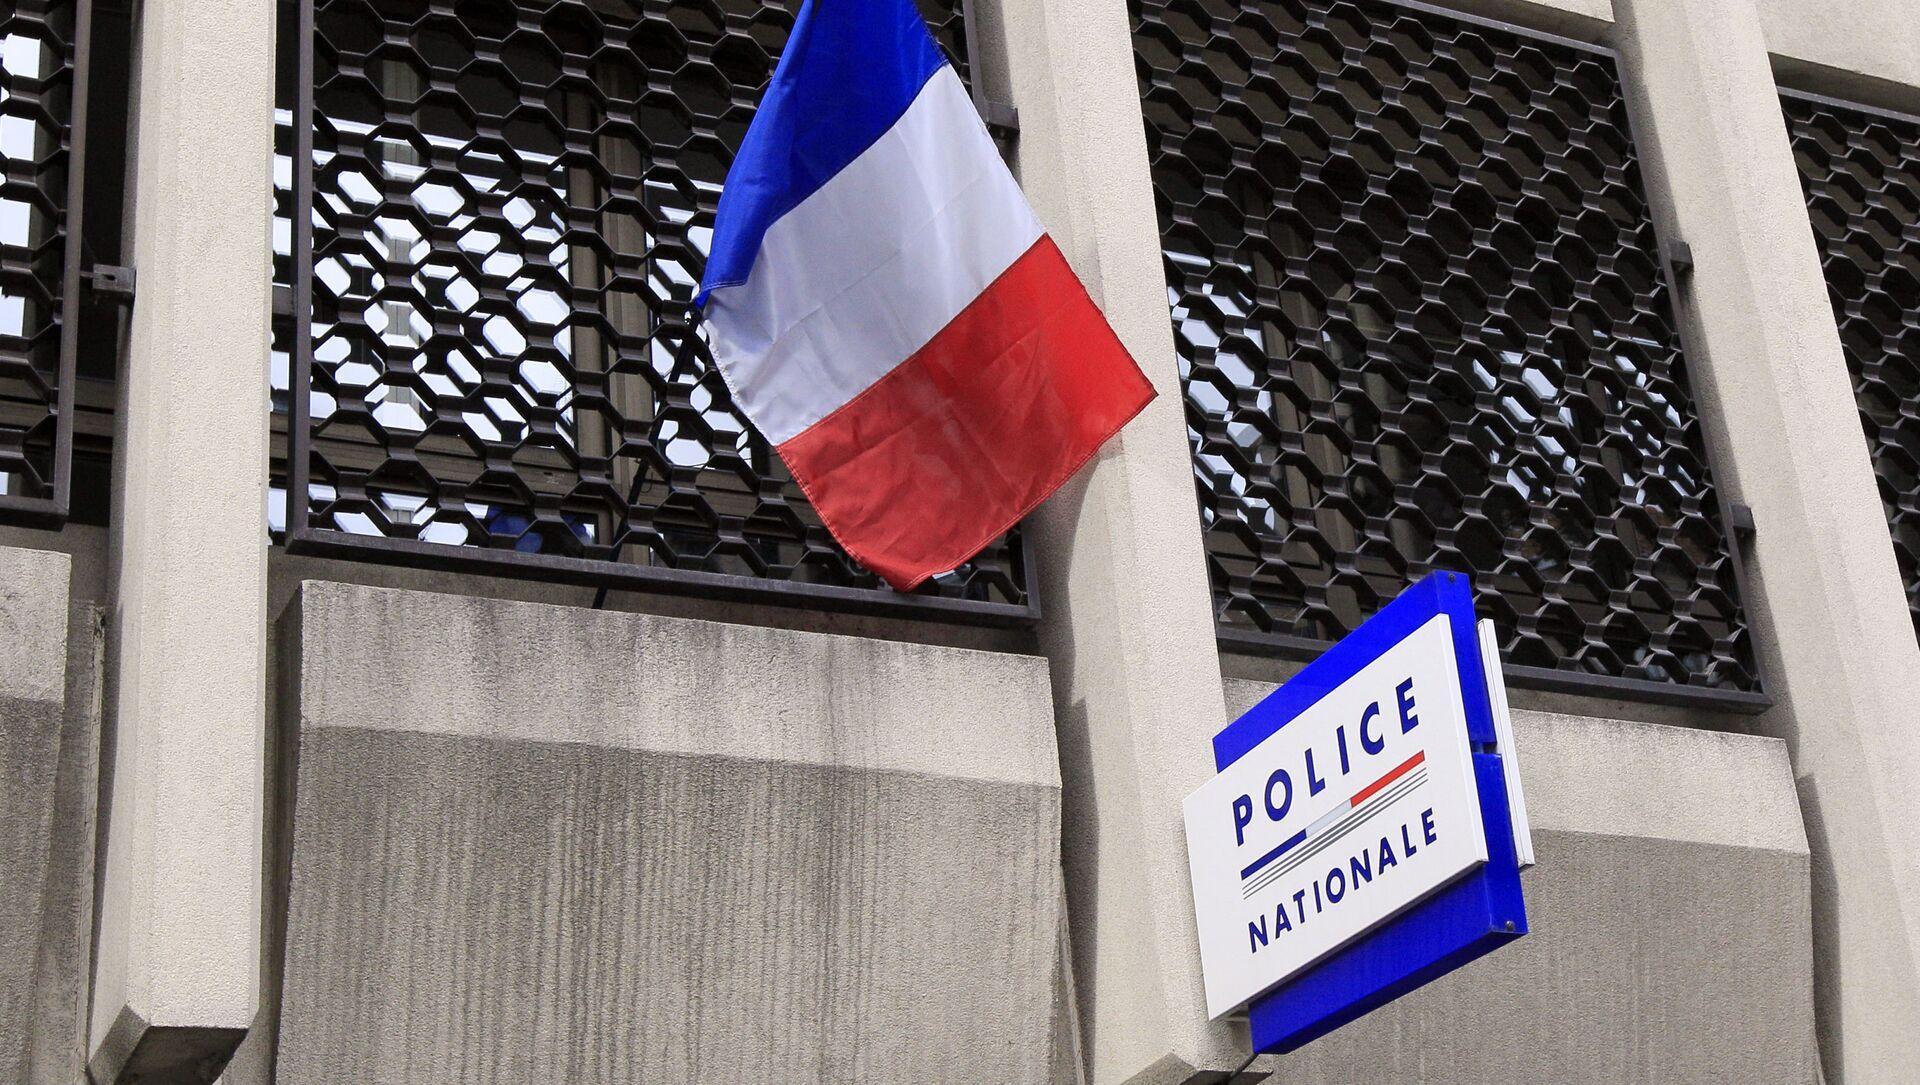 Un drapeau français au dessus d'un commissariat de police (archive photo) - Sputnik France, 1920, 25.08.2021